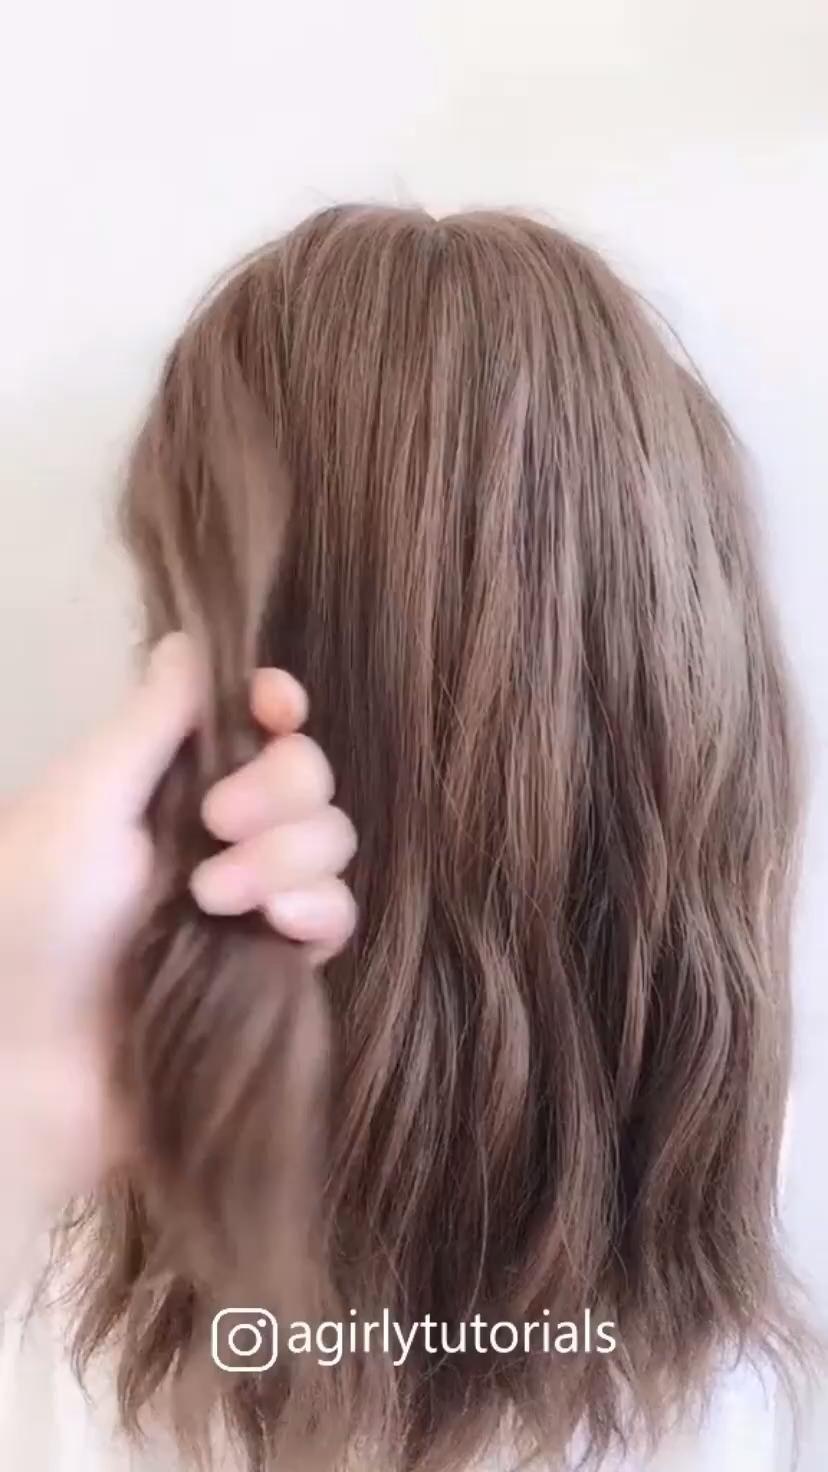 Penteado para cabelos rápido e fácil